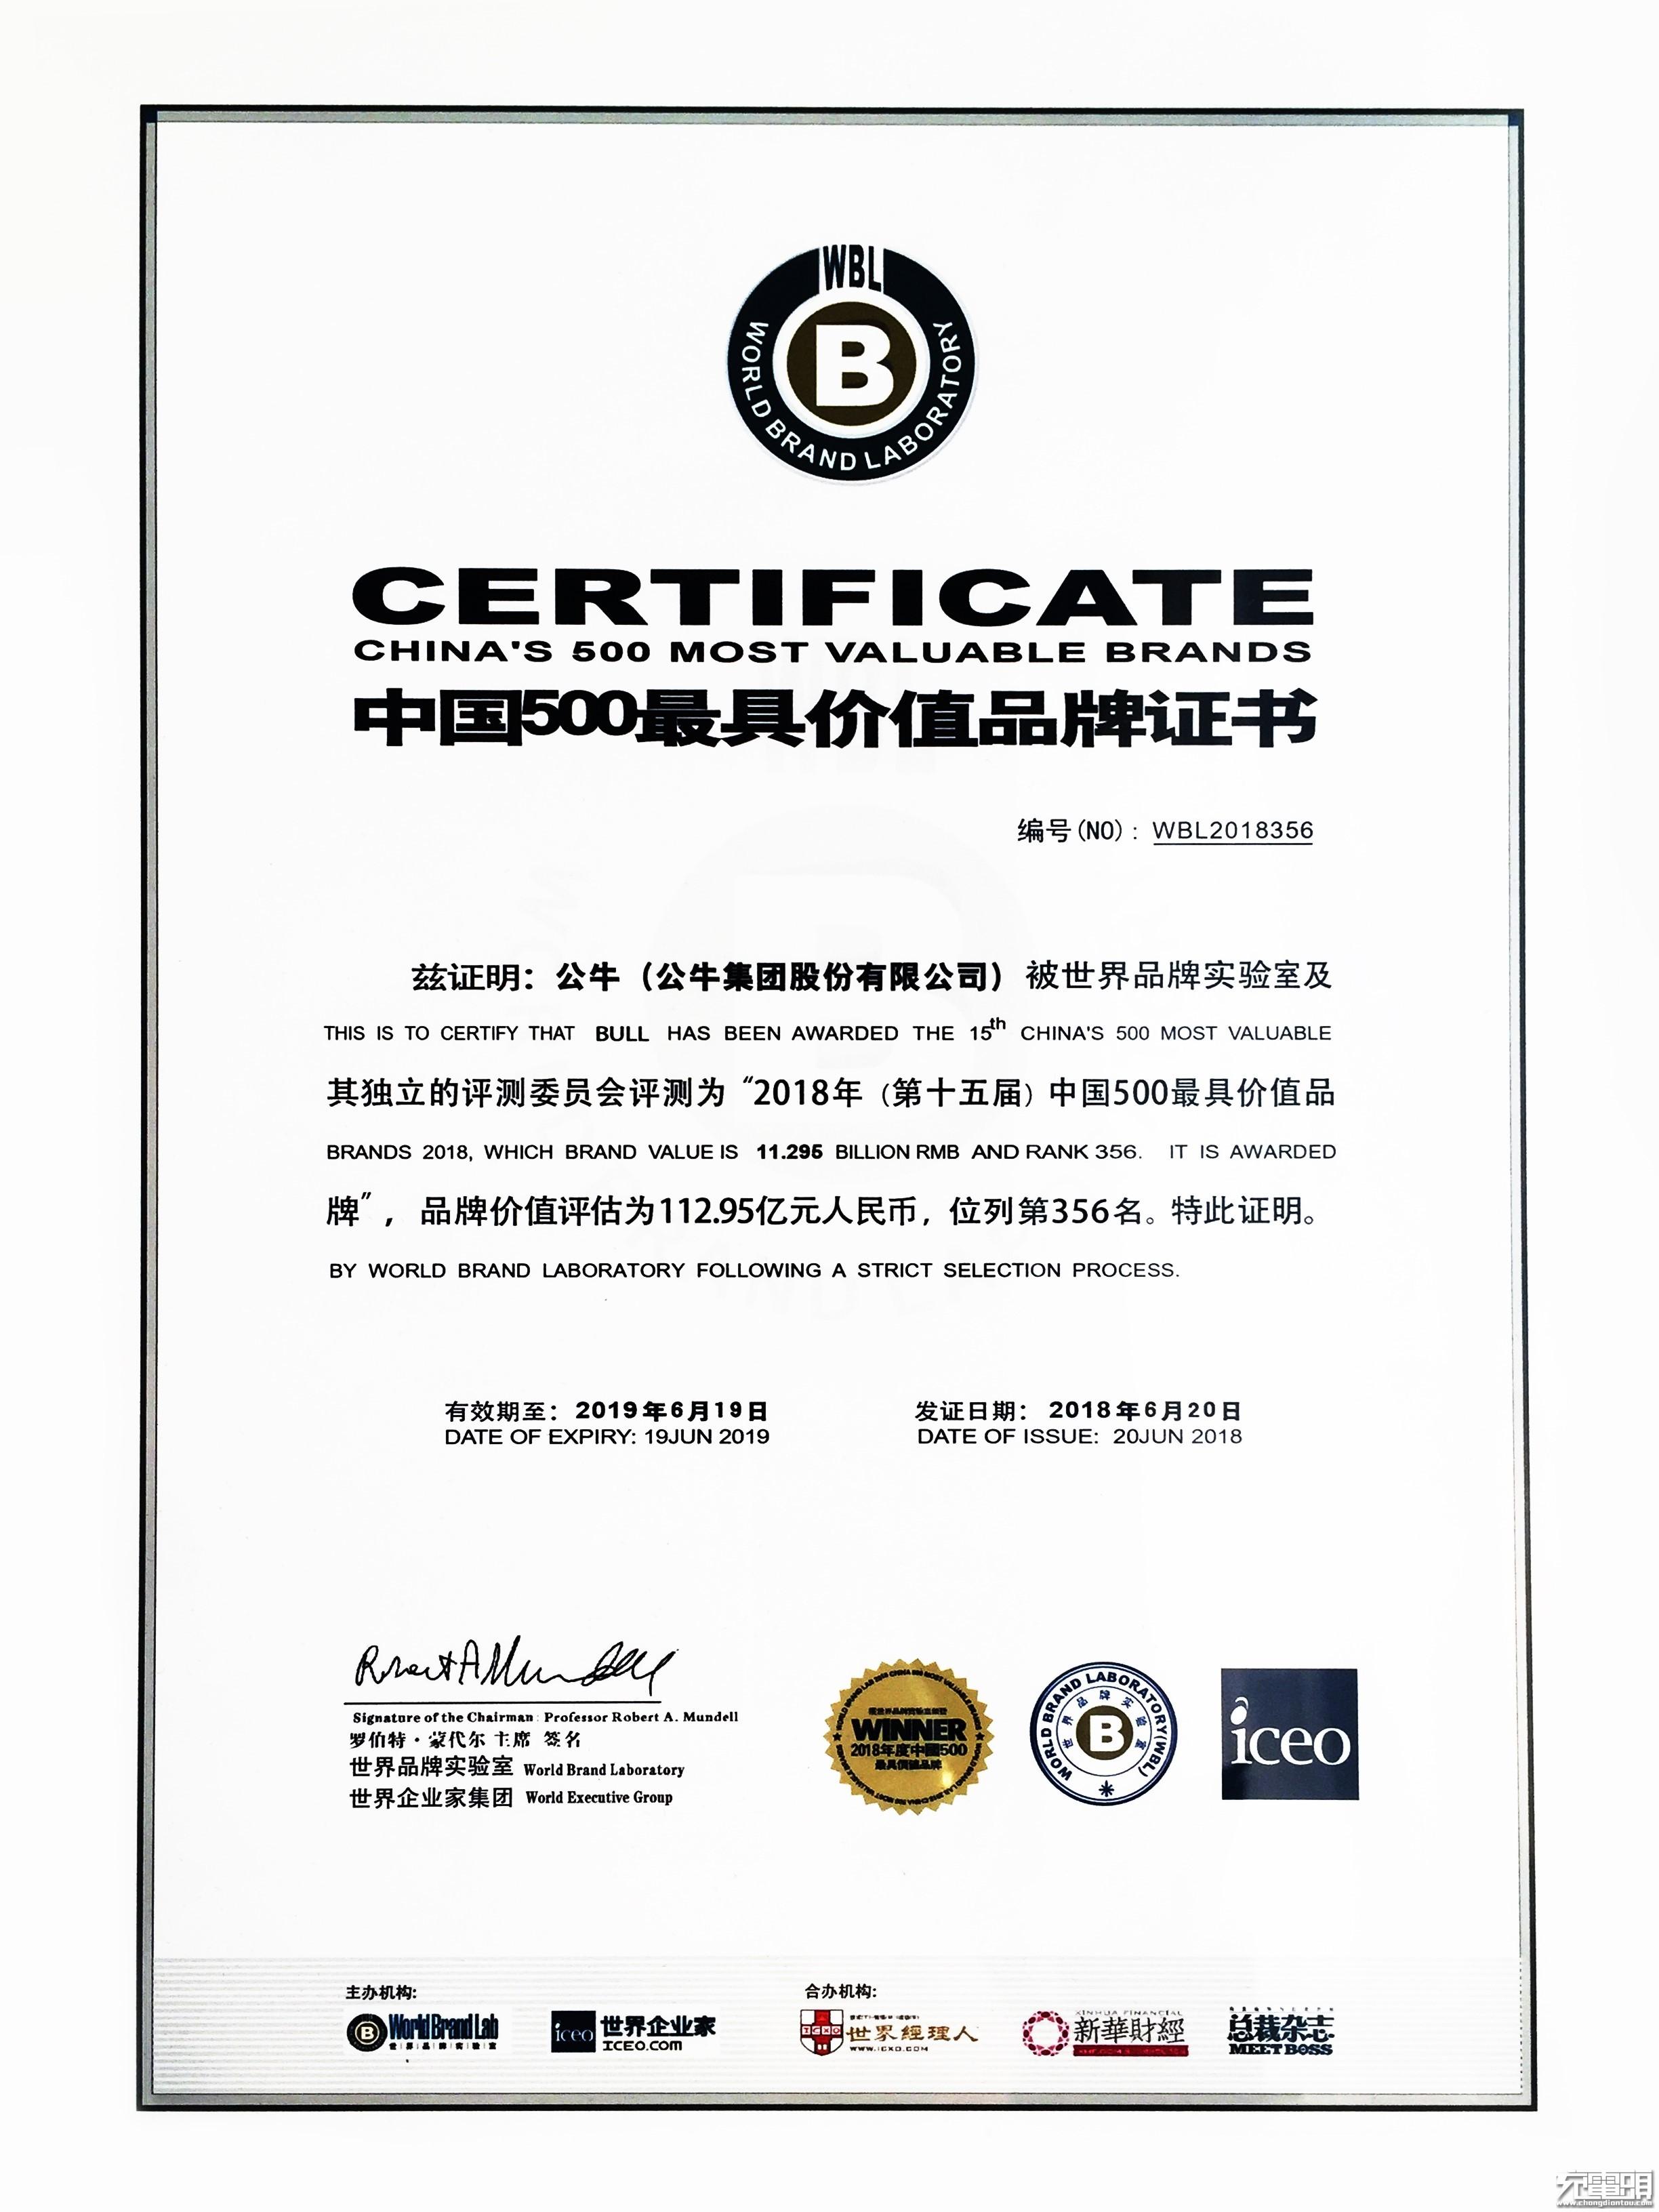 2018年中国500最具价值品牌揭晓,公牛品牌价值突破百亿-充电头网